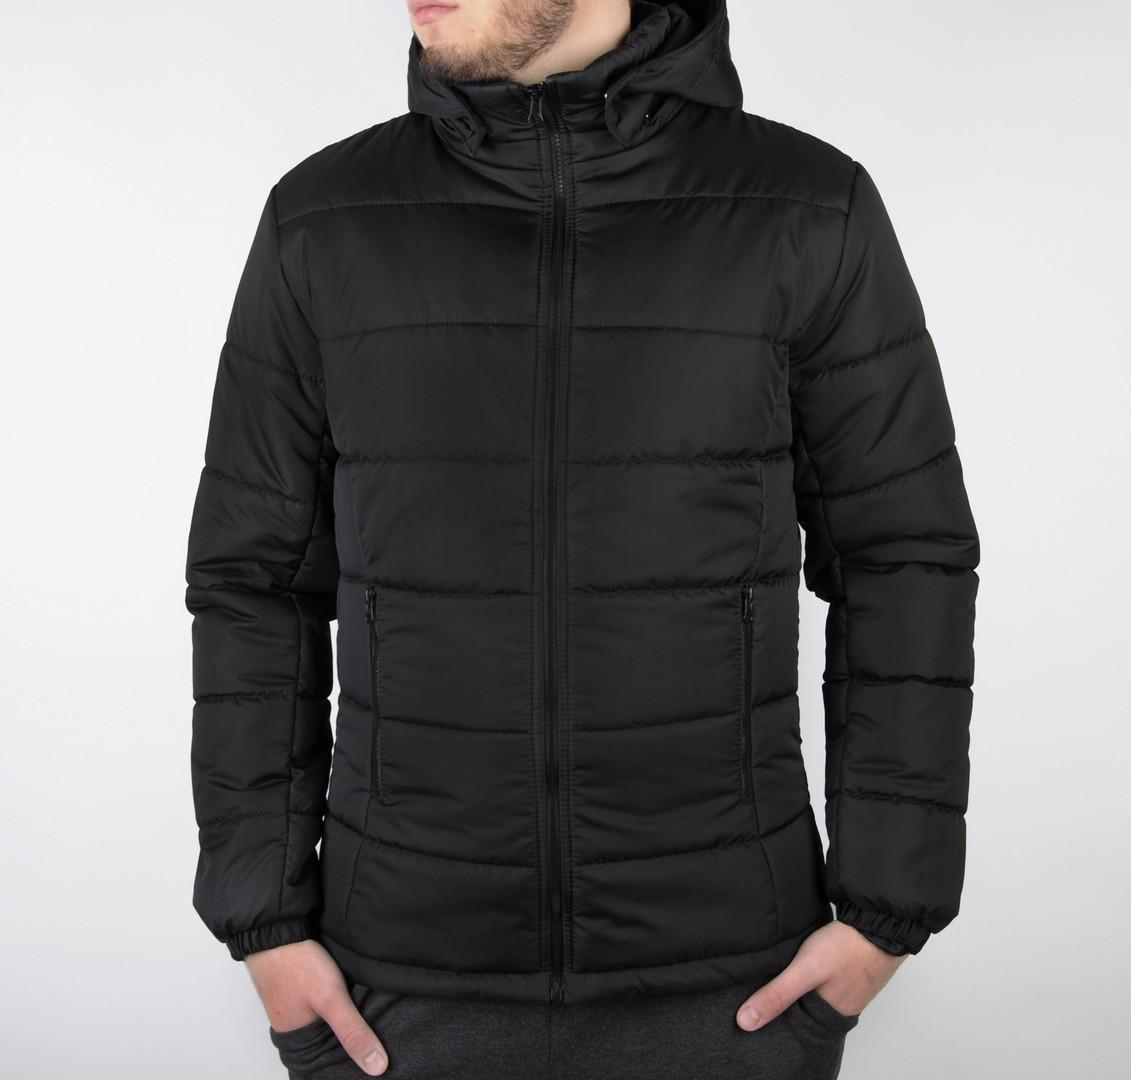 Мужская черная короткая зимняя куртка стеганая.Мужской черный пуховик с капюшоном демисезонный